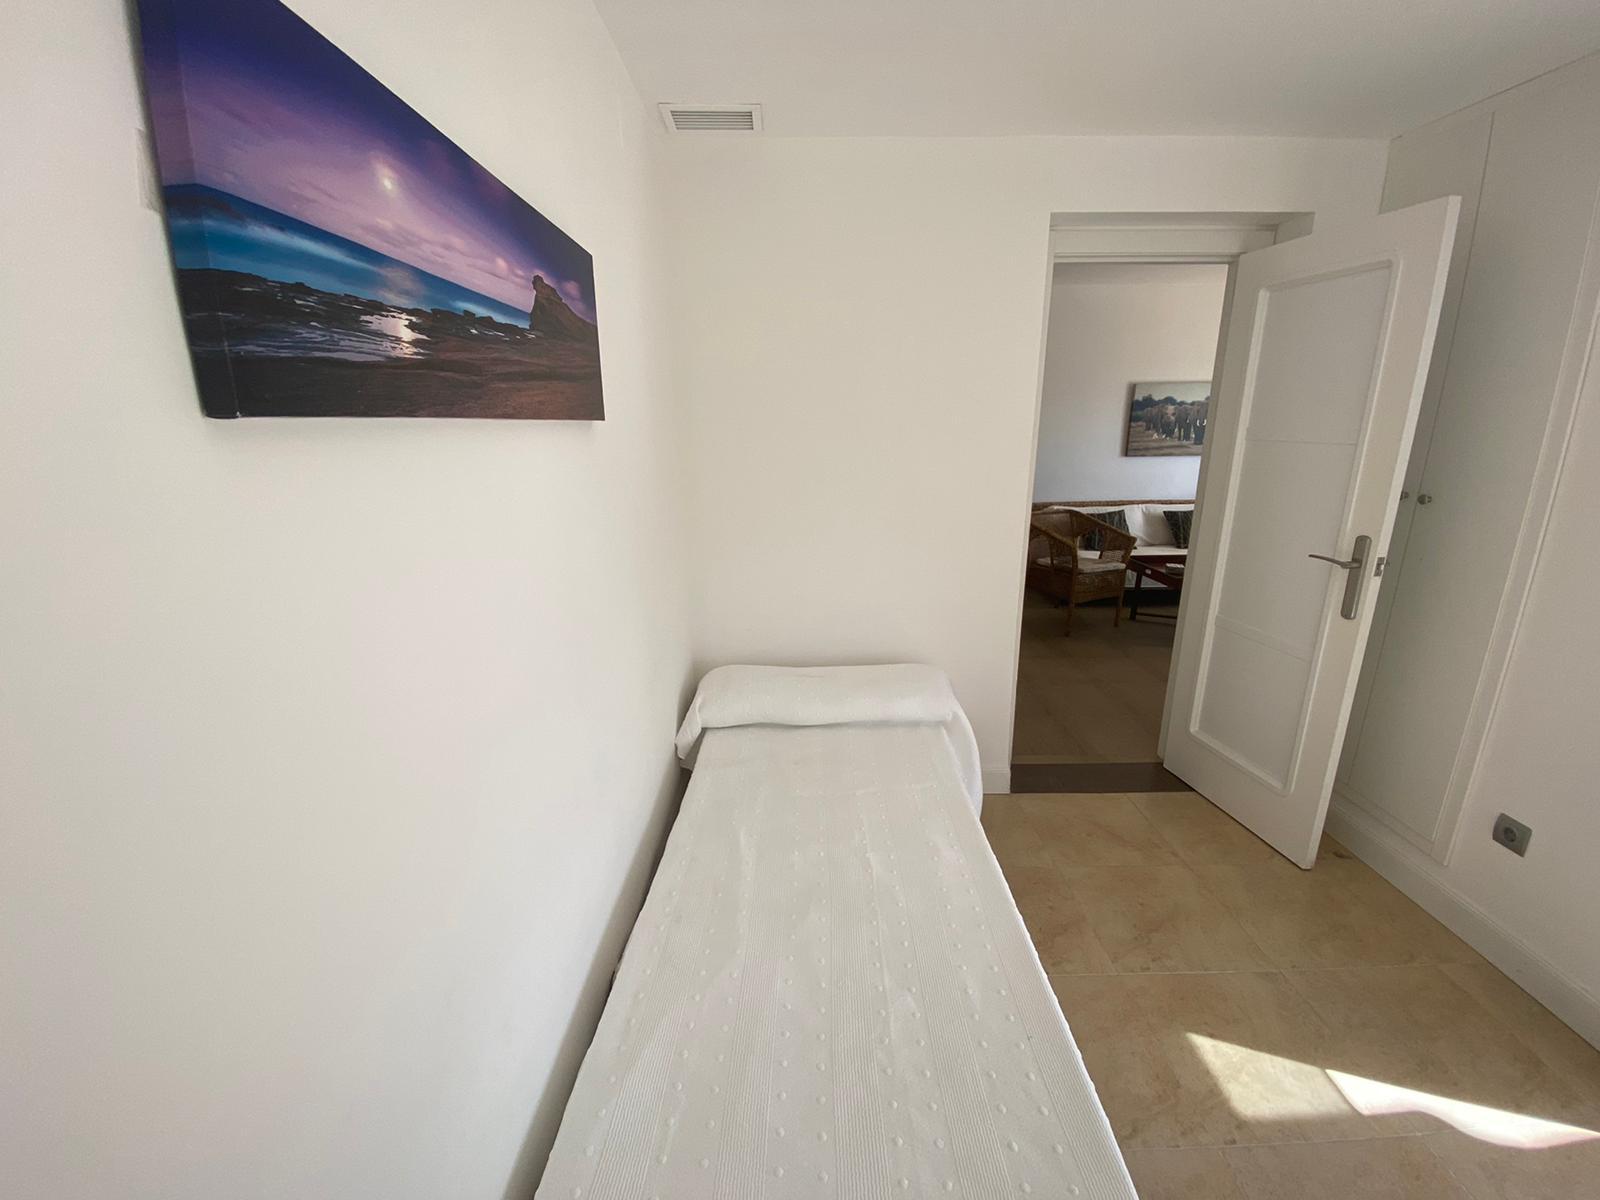 Imagen 27 del Apartamento Turístico, Ático 8 Central (3d+2b), Punta del Moral (HUELVA), Paseo de la Cruz nº22